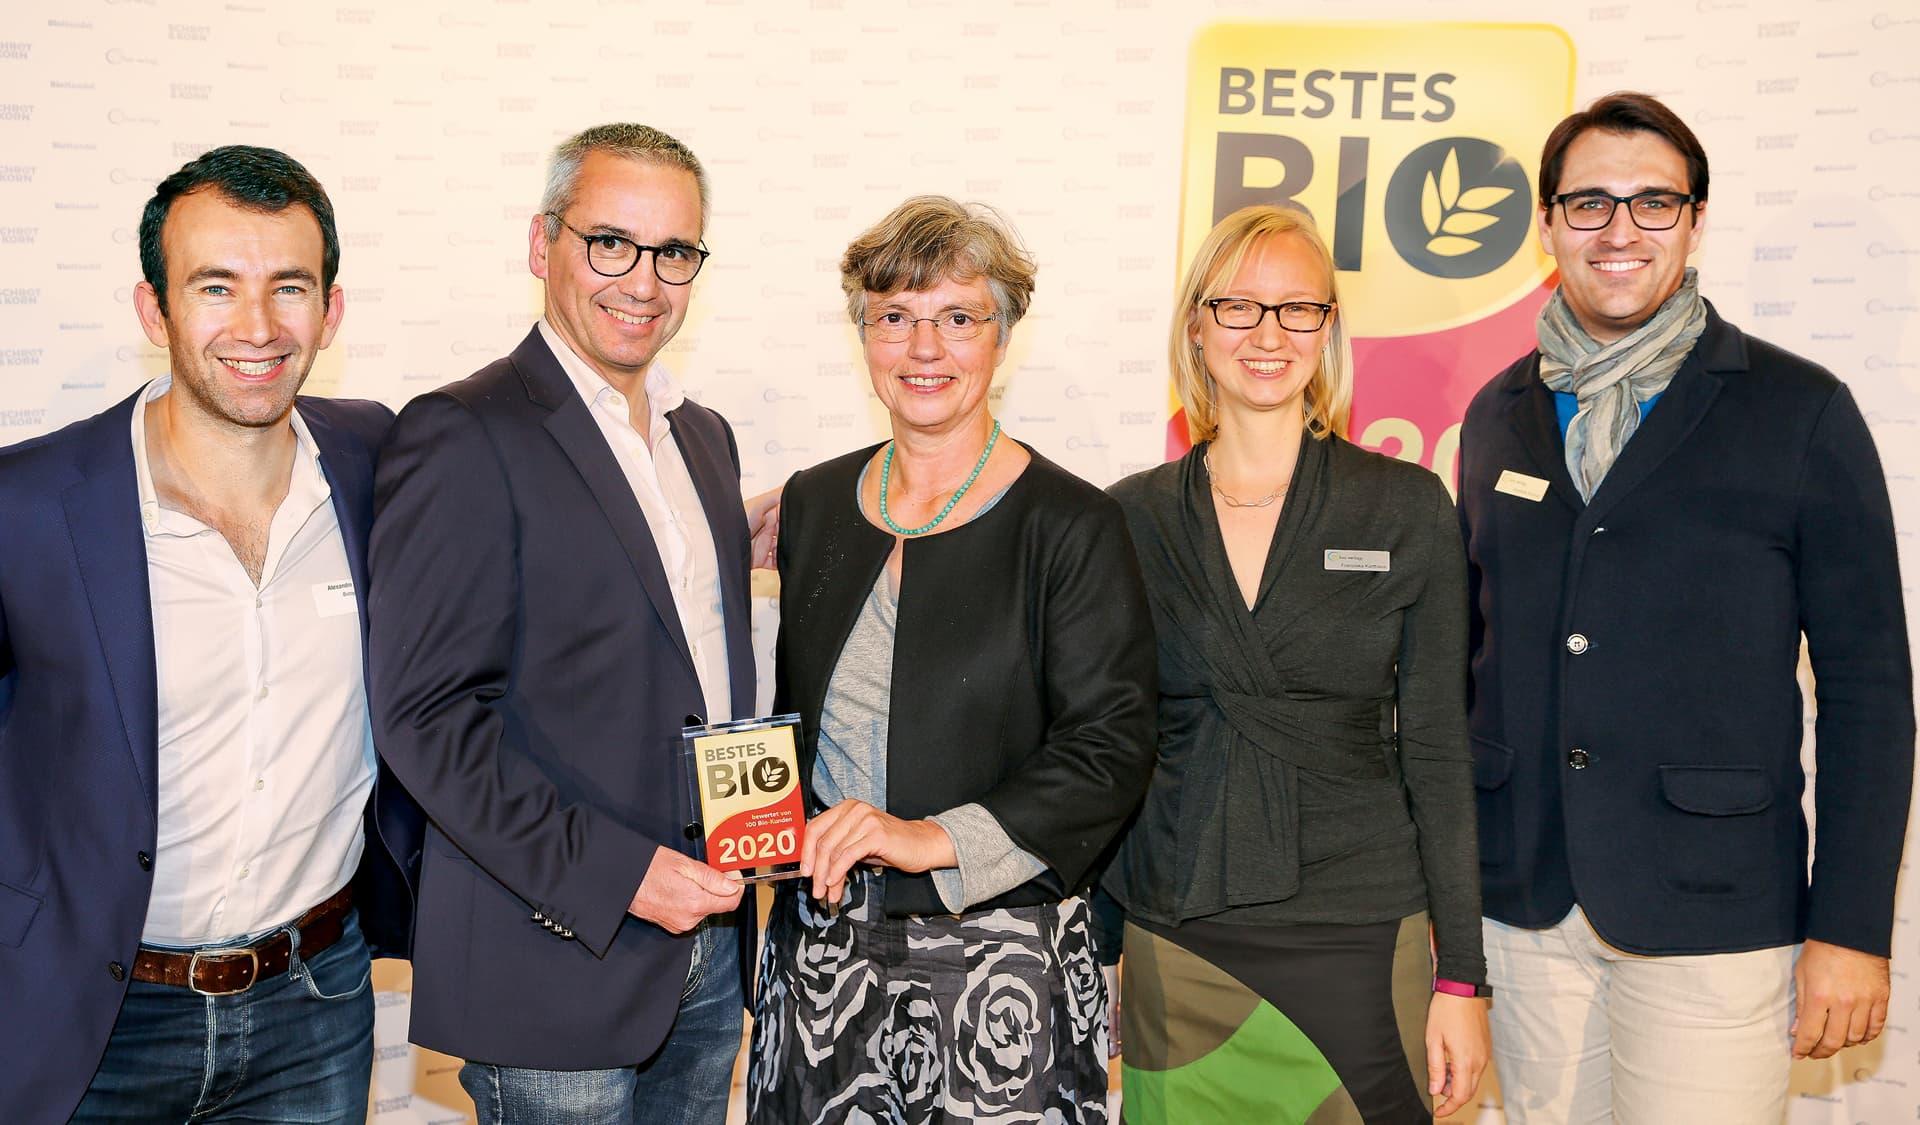 Preisträger mit Bestes Bio-Team